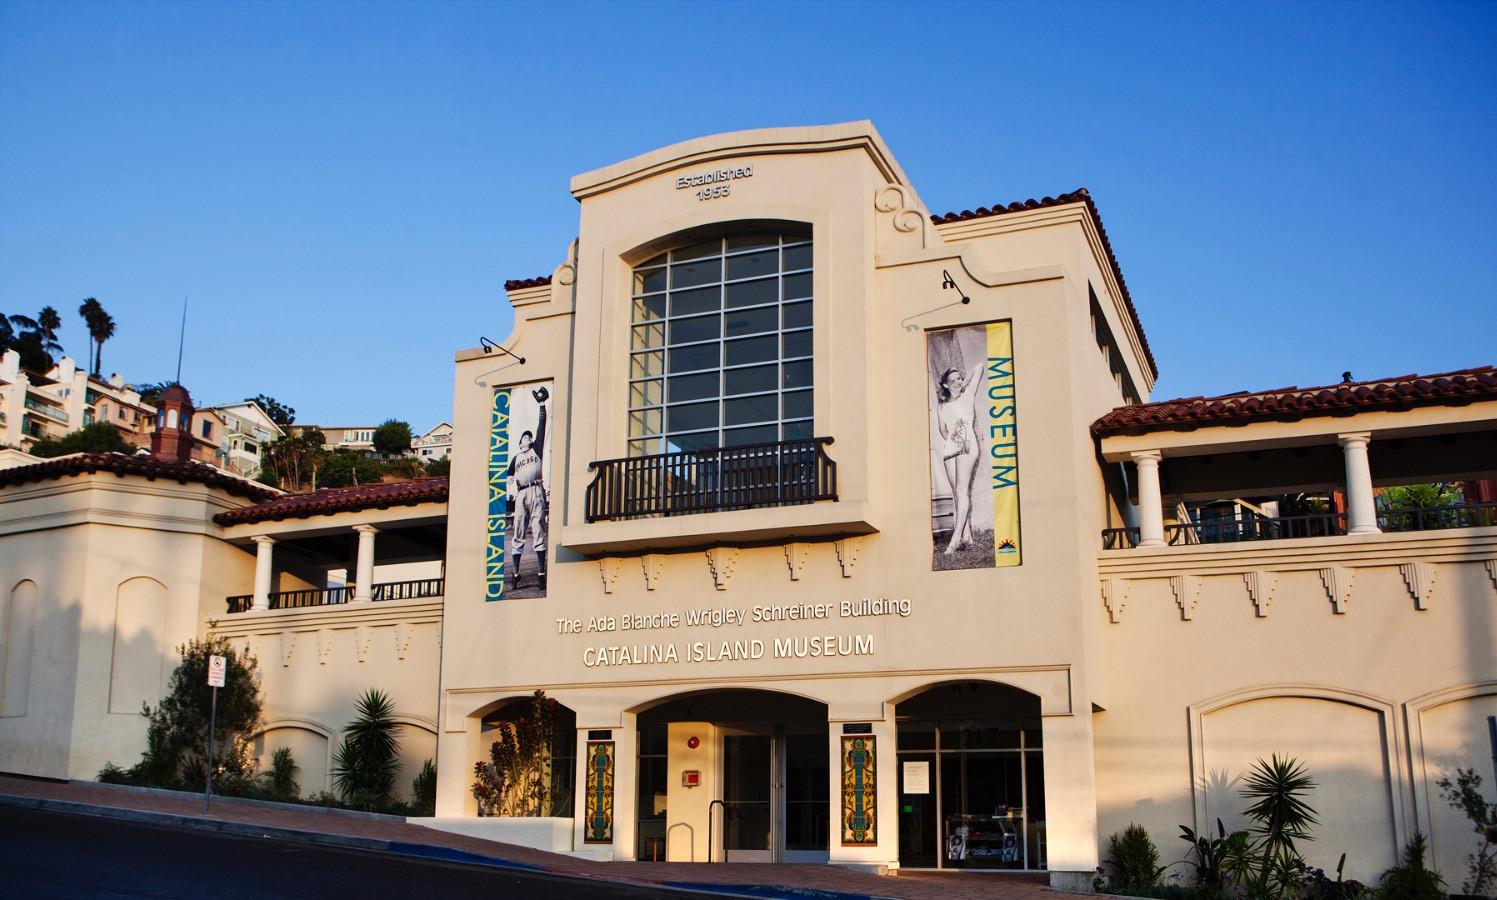 Catalina casino museum tour antique slot machine ebay